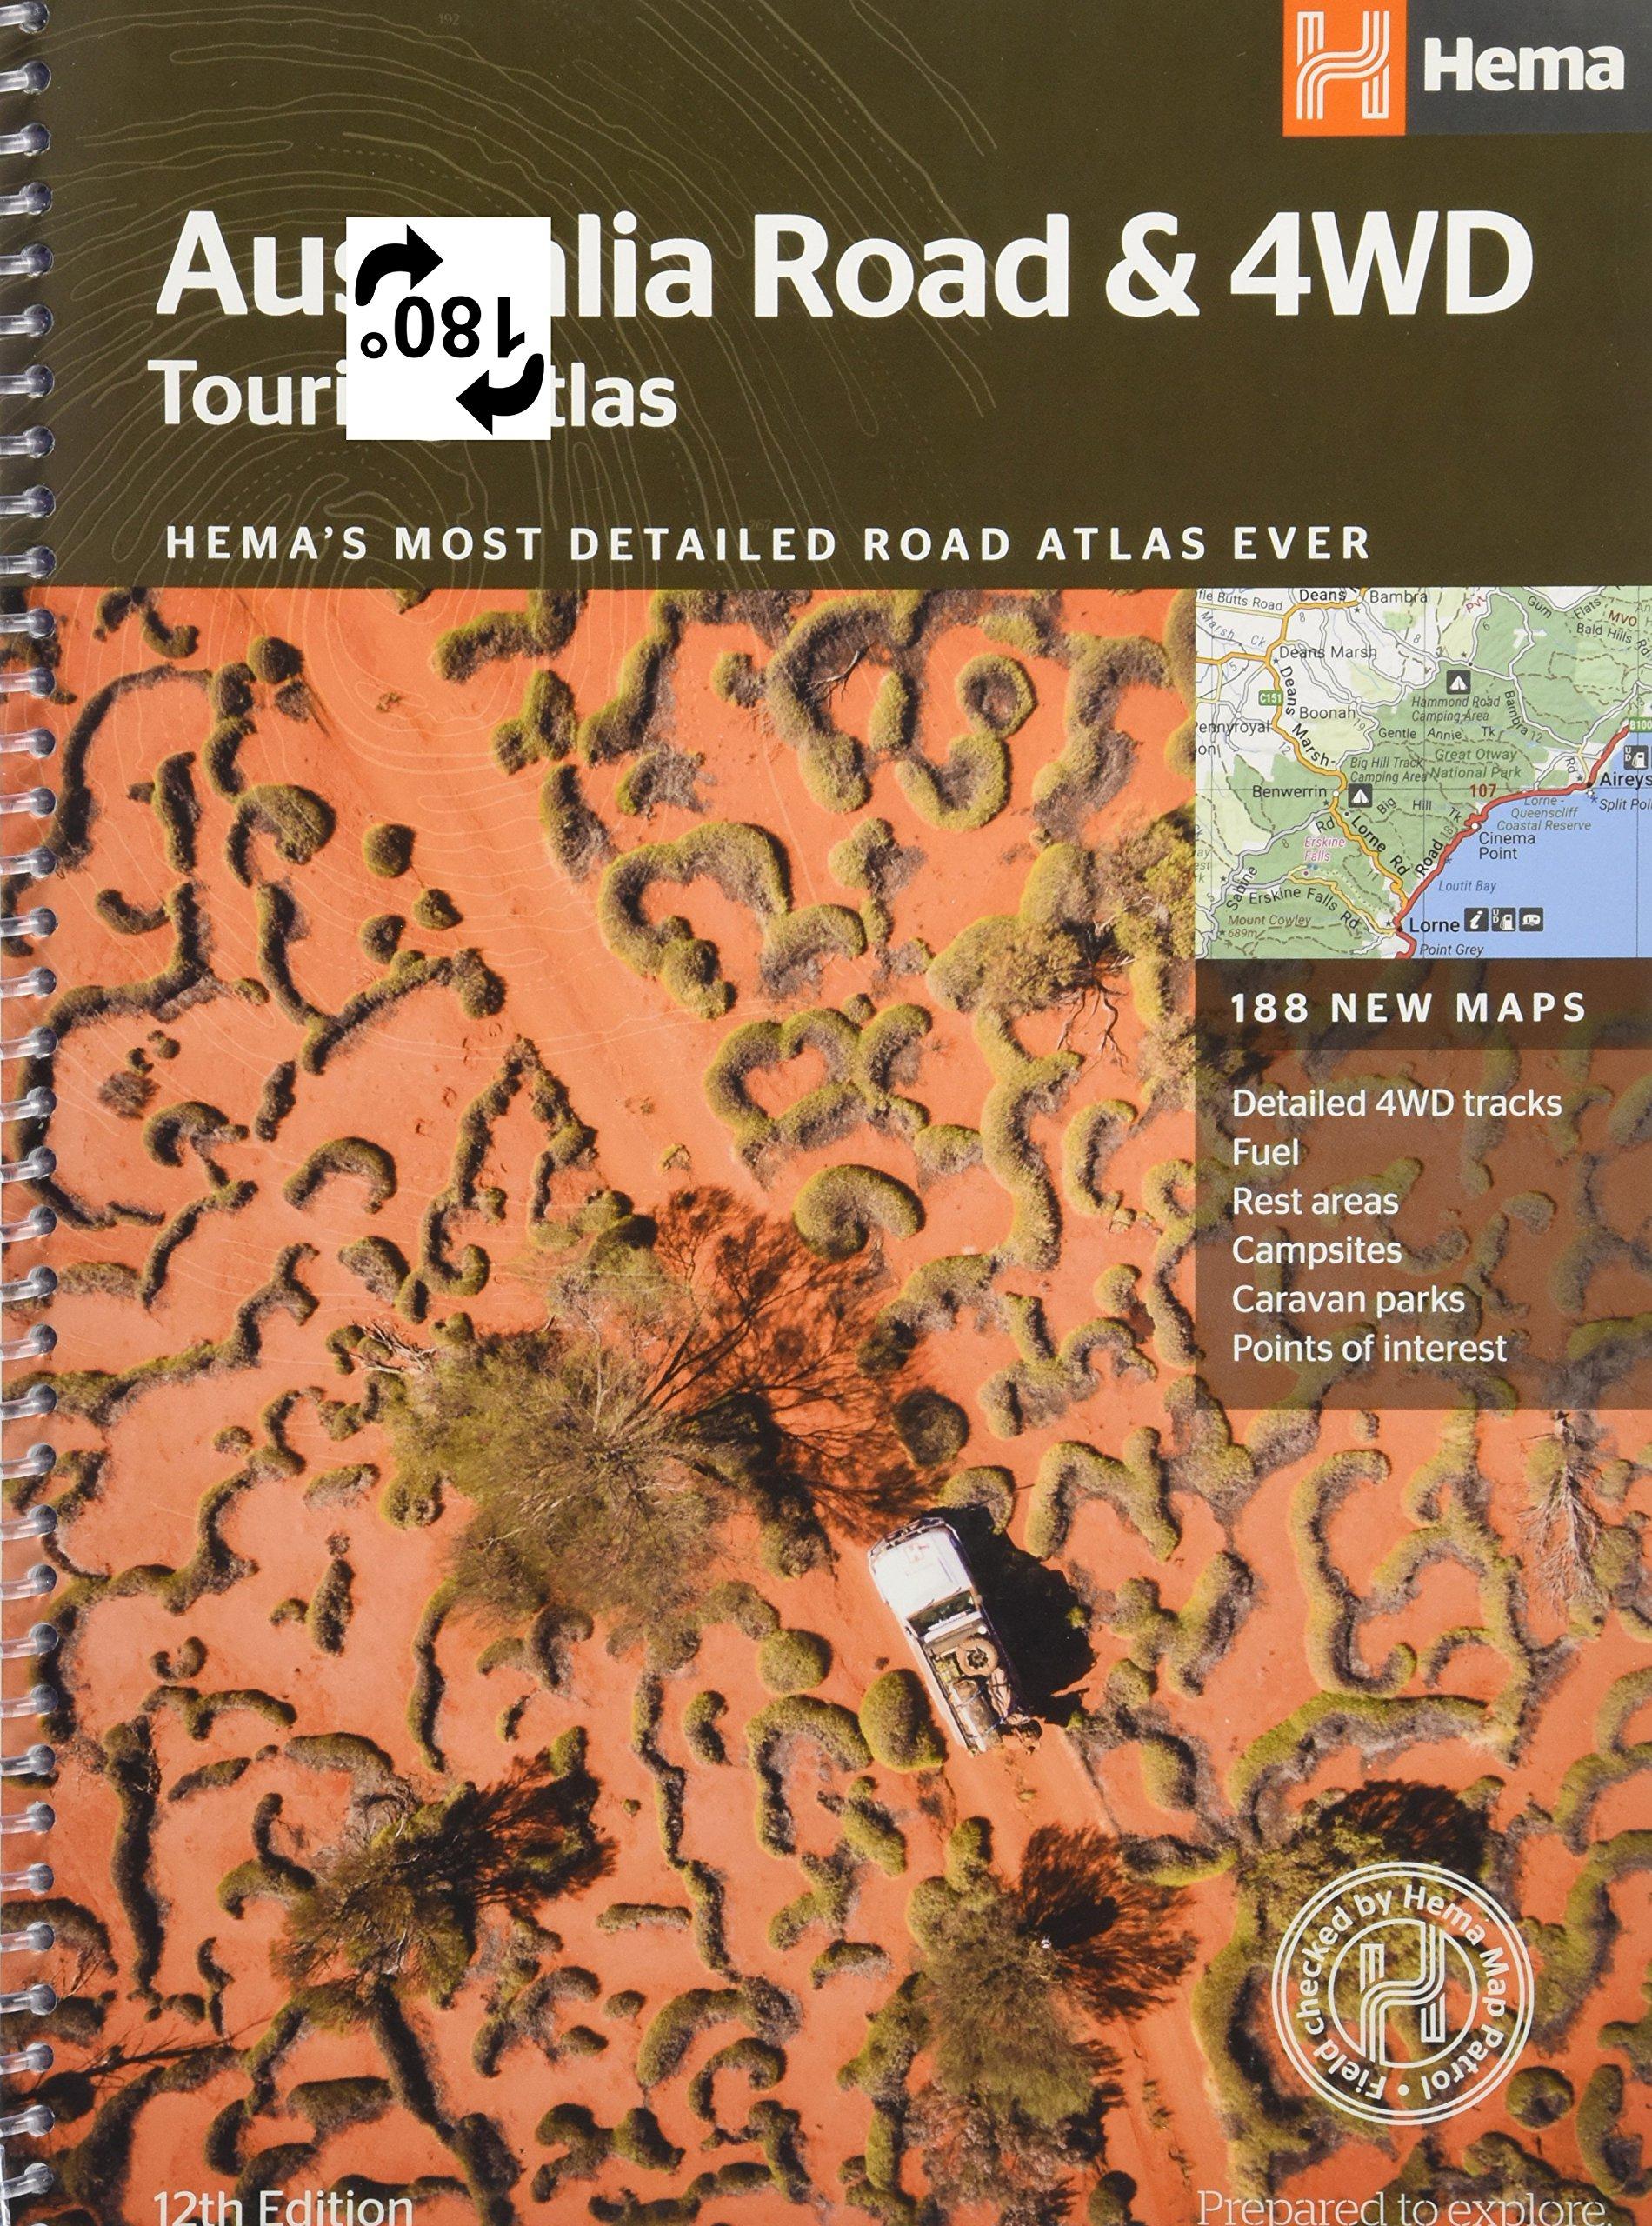 Australia Tour Map.Australia Road 4wd Touring Atlas A4 Amazon Co Uk Hema Maps